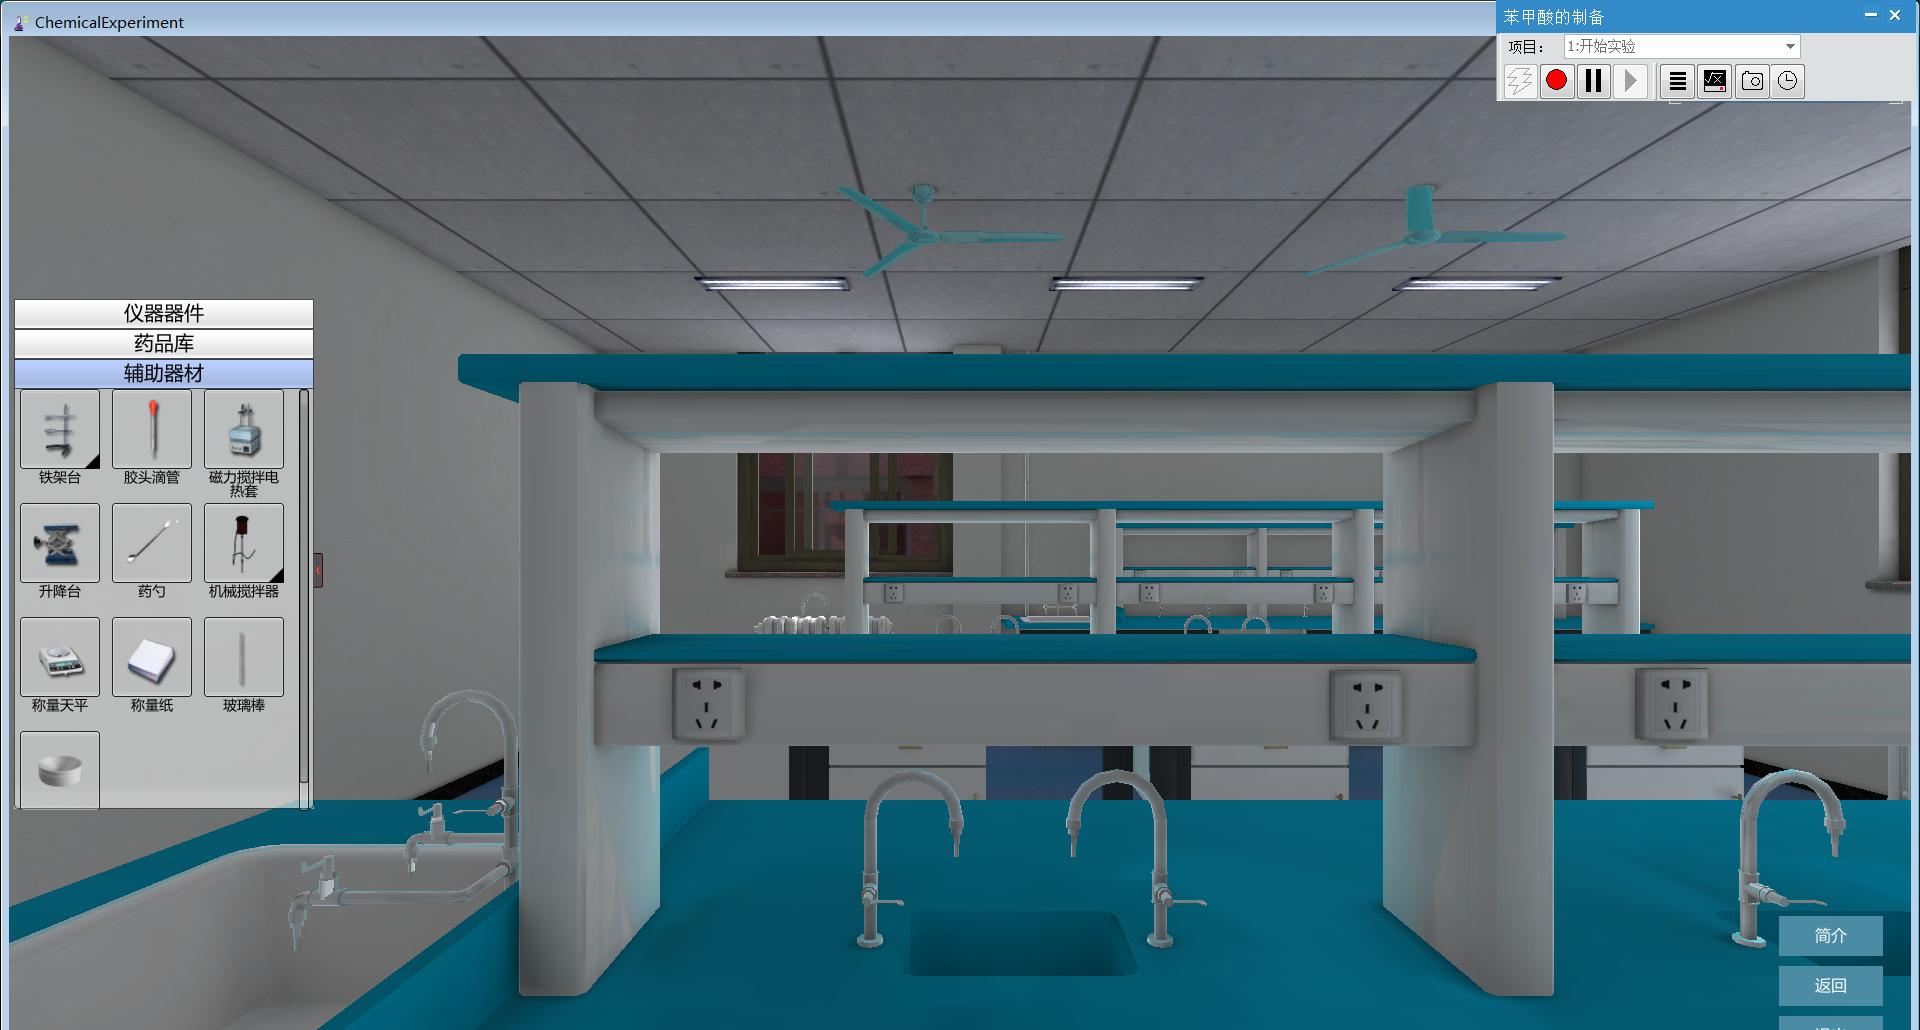 有机化学虚拟仿真软件--苯甲酸的制备